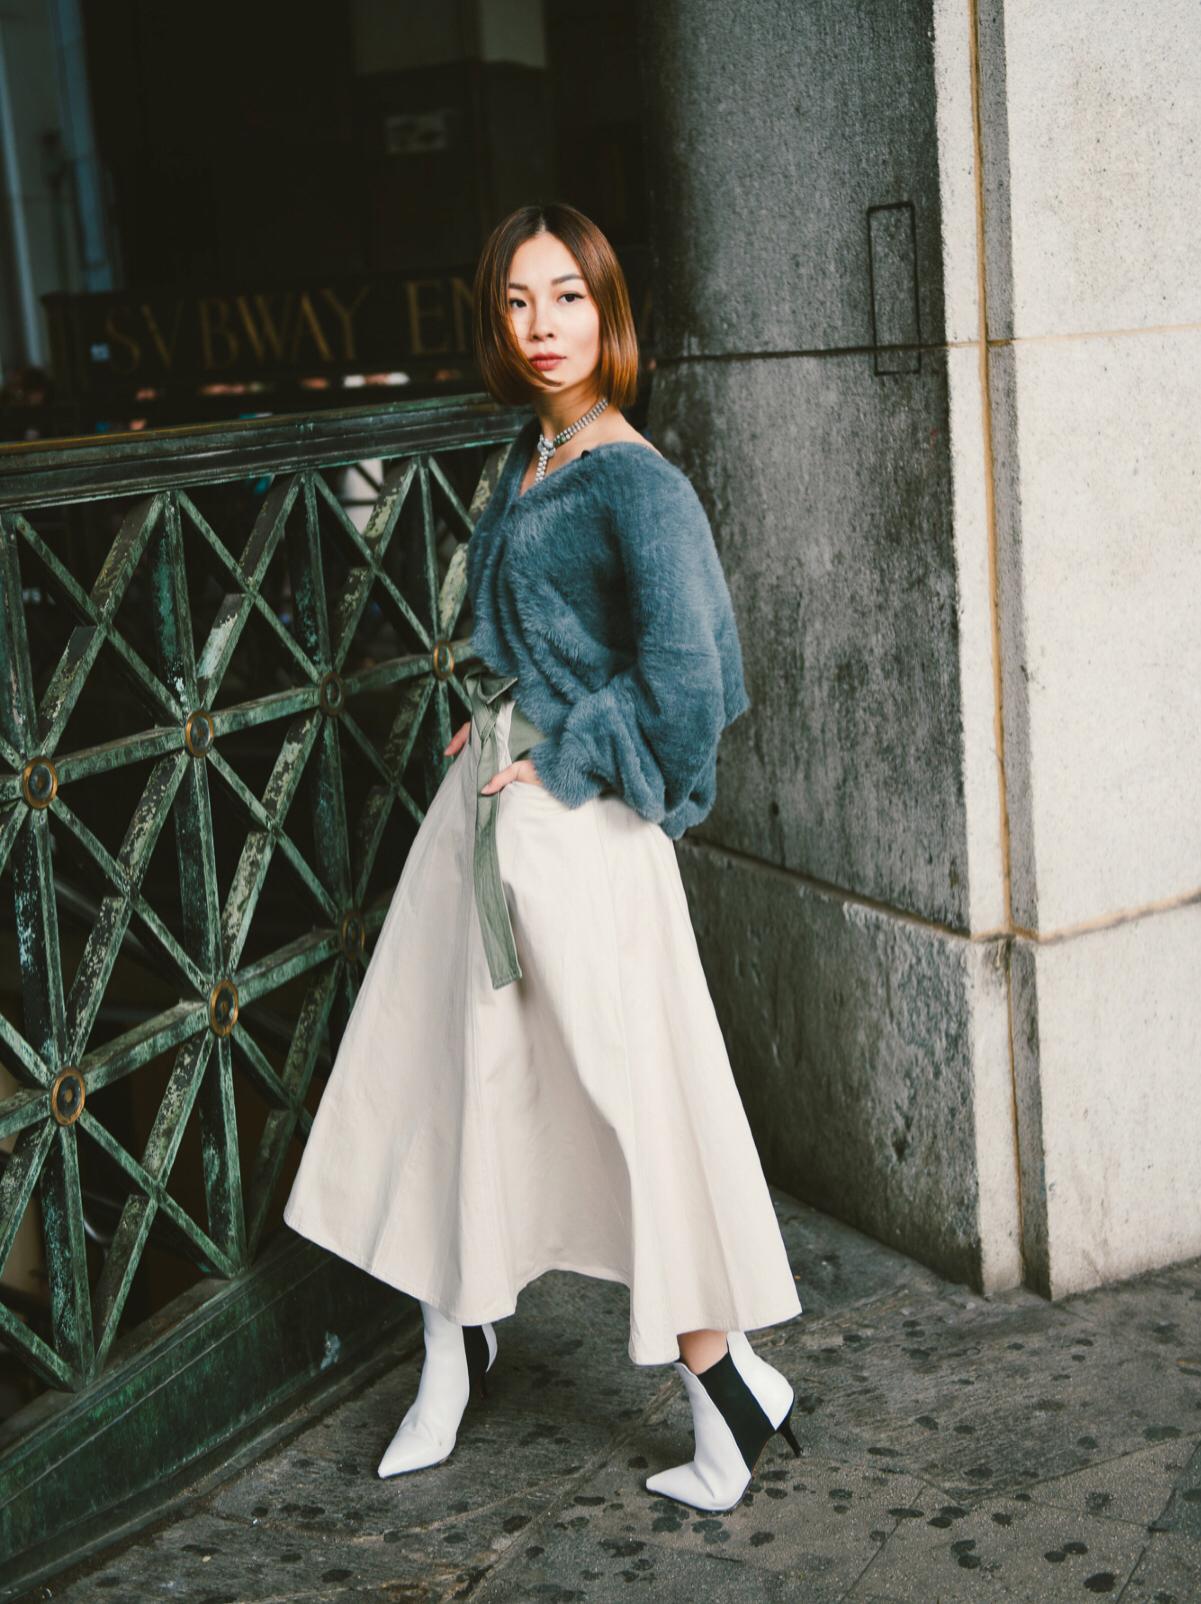 marrisa webb midid skirt ifchic tcurate 2.JPG